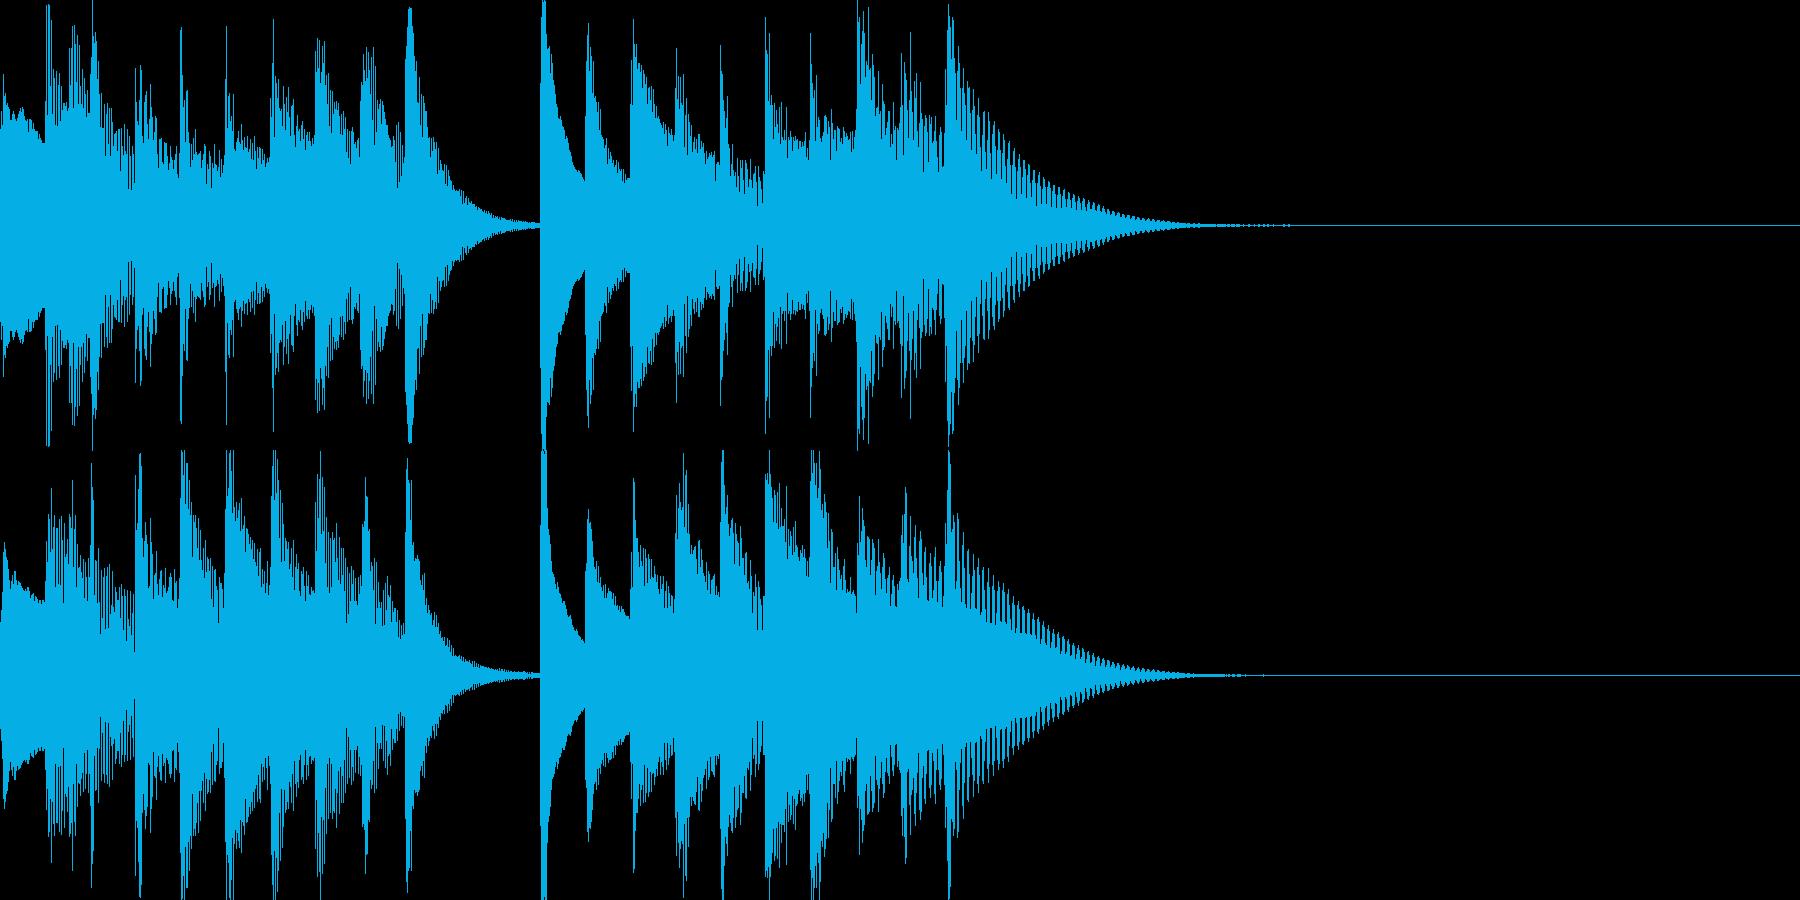 ステージクリア音などに。の再生済みの波形